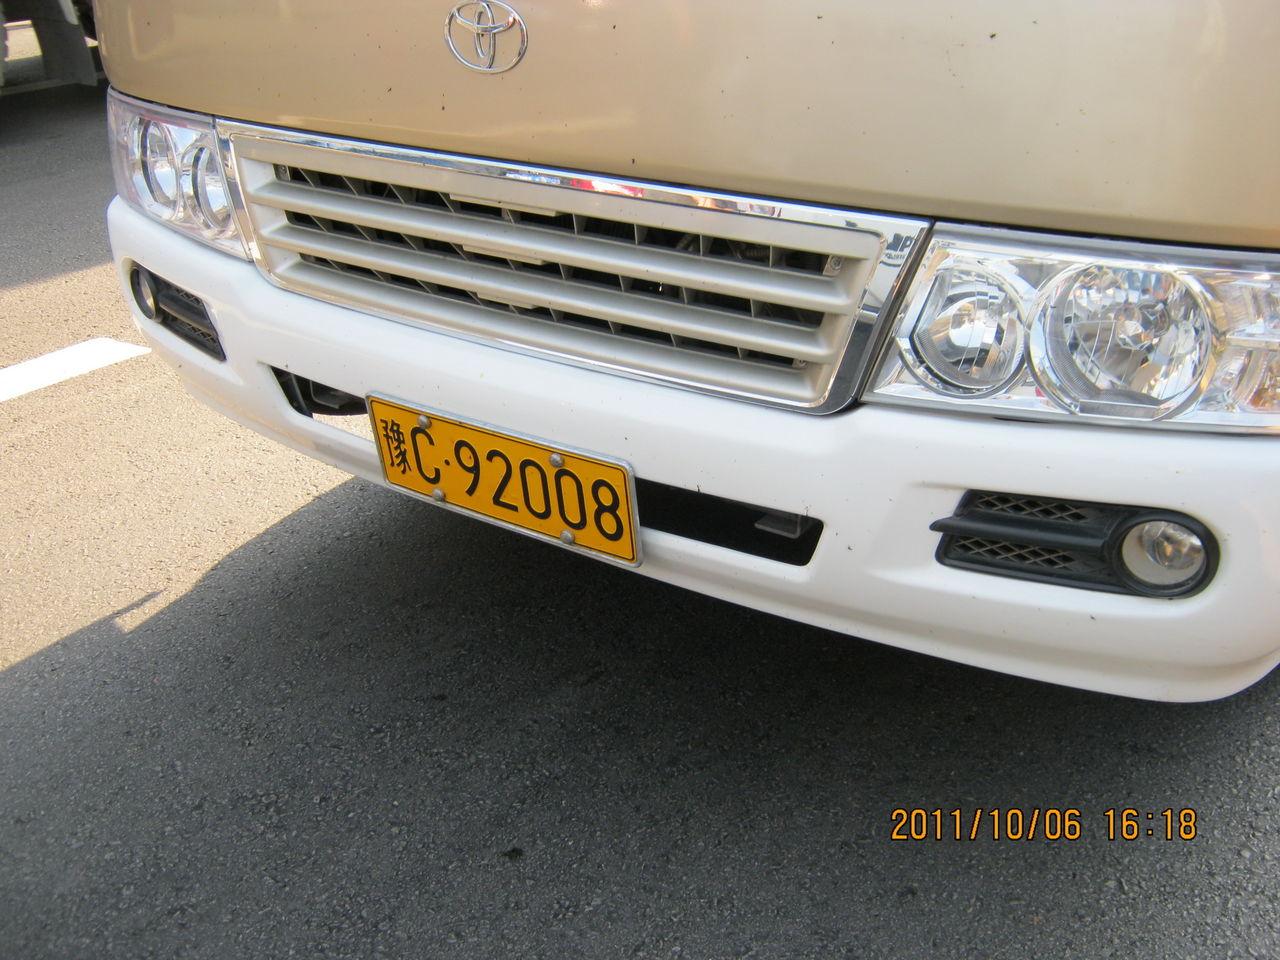 公车旅游 司机逞威 洛阳吧 高清图片